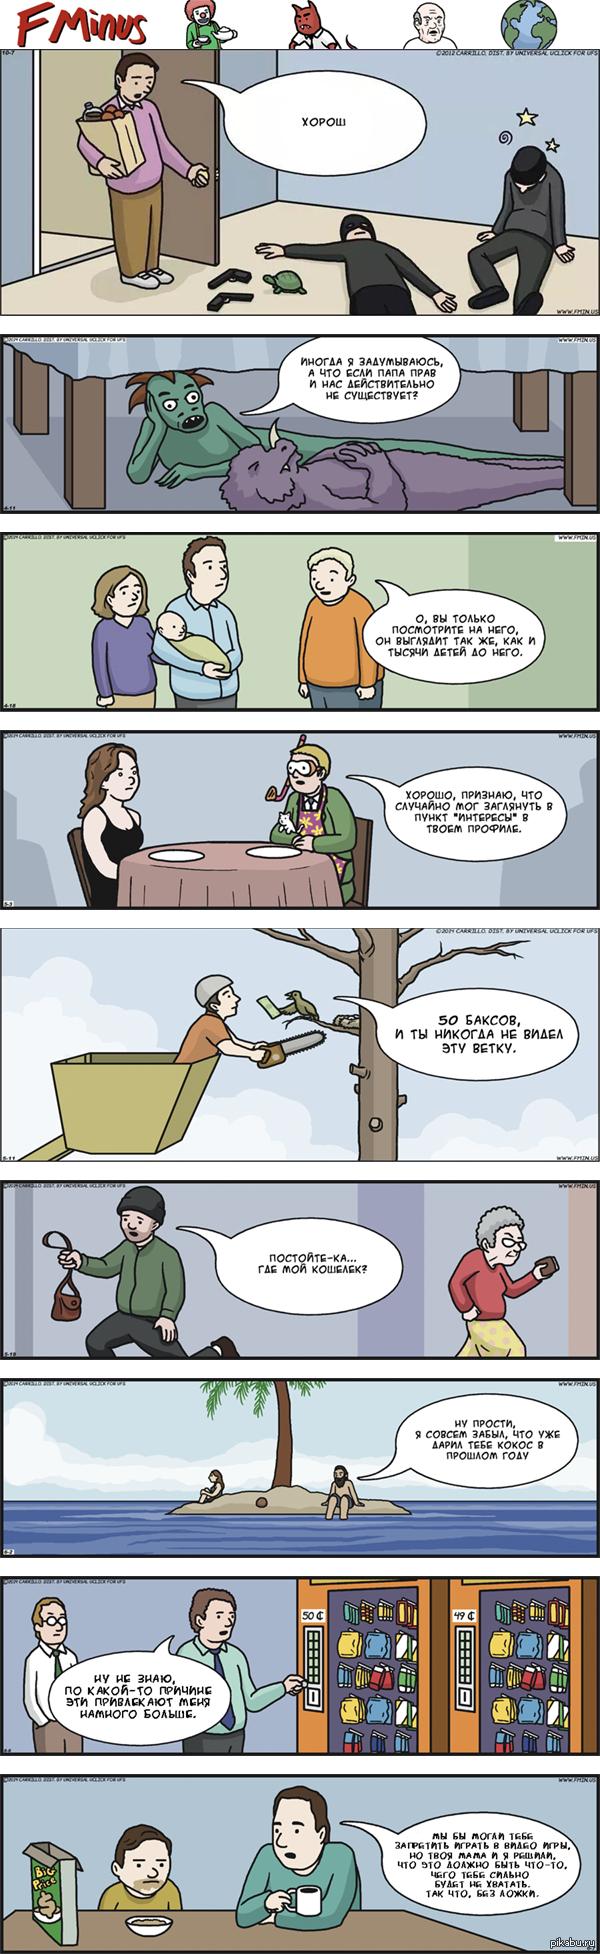 F minus. Комиксы от Тони Каррильо Перевод мой, качество по непонятным причинам ужалось.  комиксы, F-, F minus, перевод, длиннопост